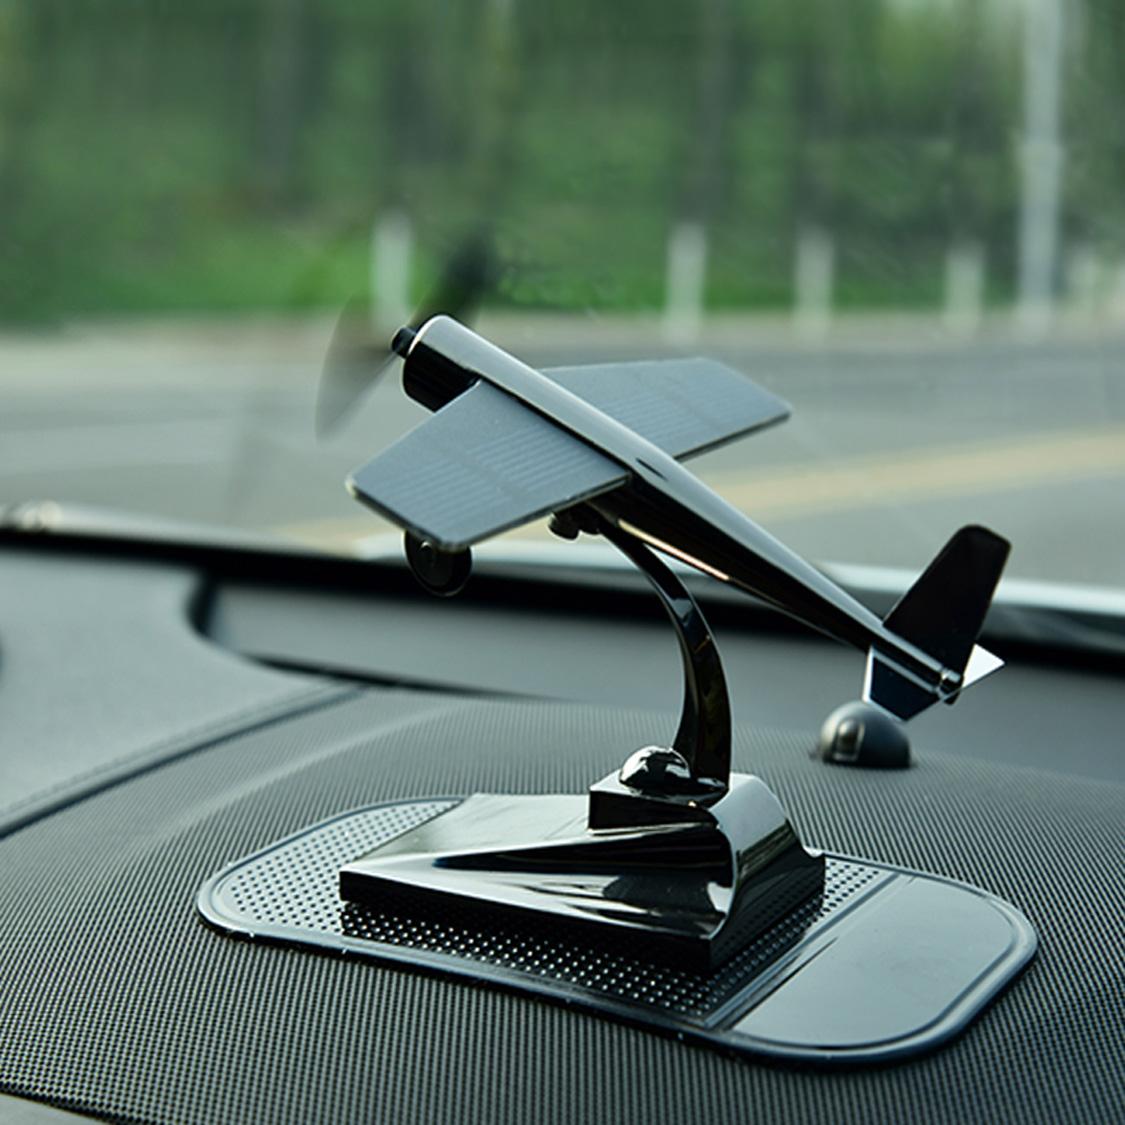 创意大全上摆件太阳能中控台汽车车载个性男车内饰品装饰用品飞机